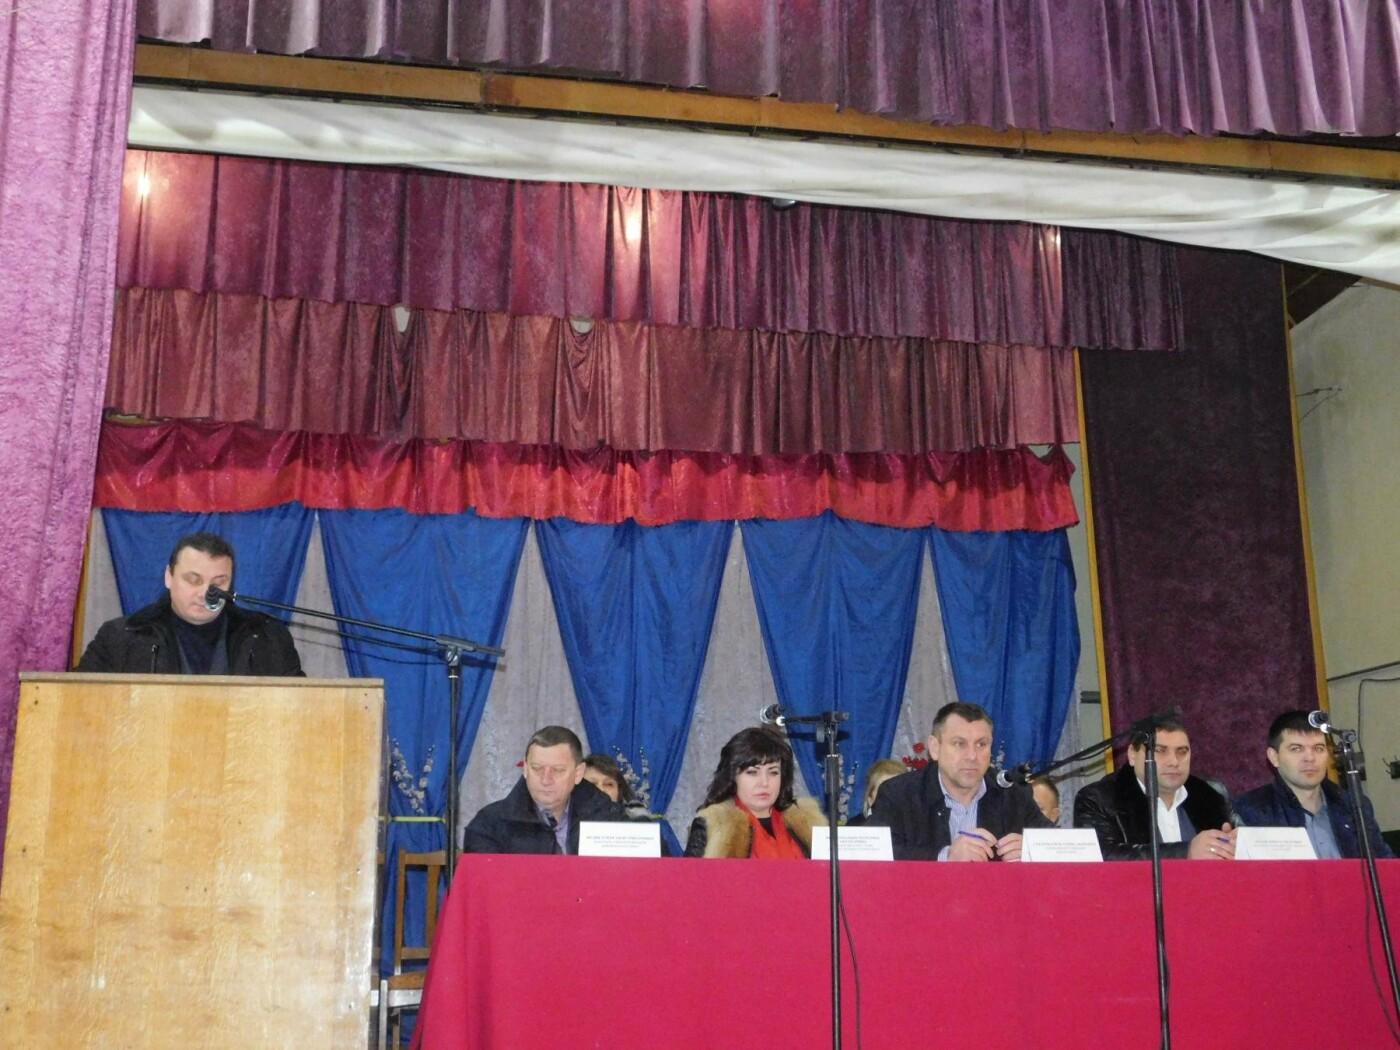 Оринінська сільська рада підвела підсумки роботи: видатки, доходи, населення, виробництво валової продукції, фото-1